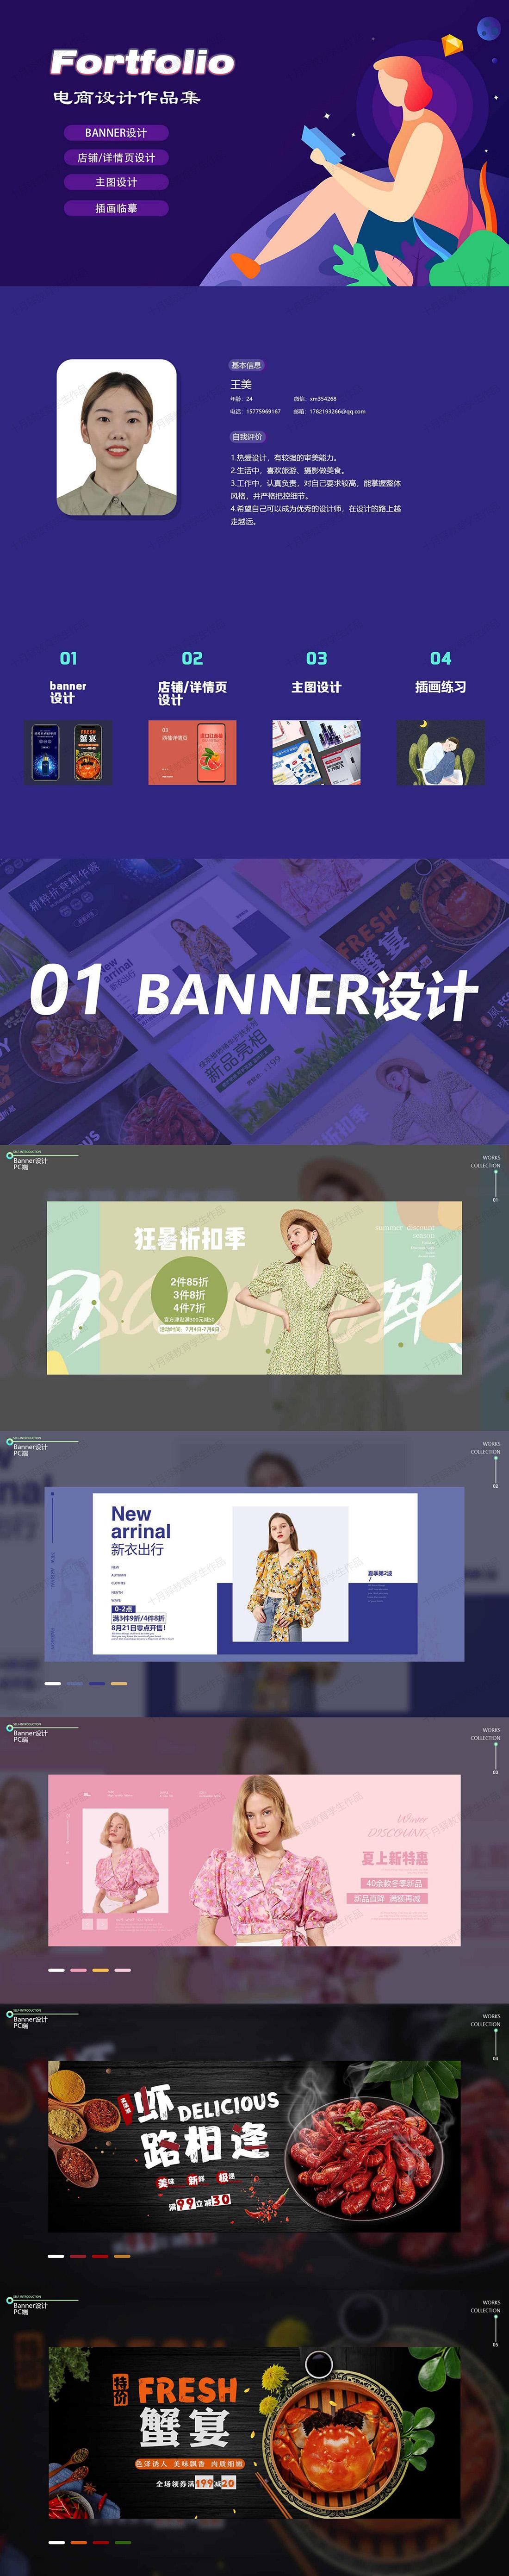 排列作品集最終壓 2101王美 麥肯醫療5000+_00.jpg